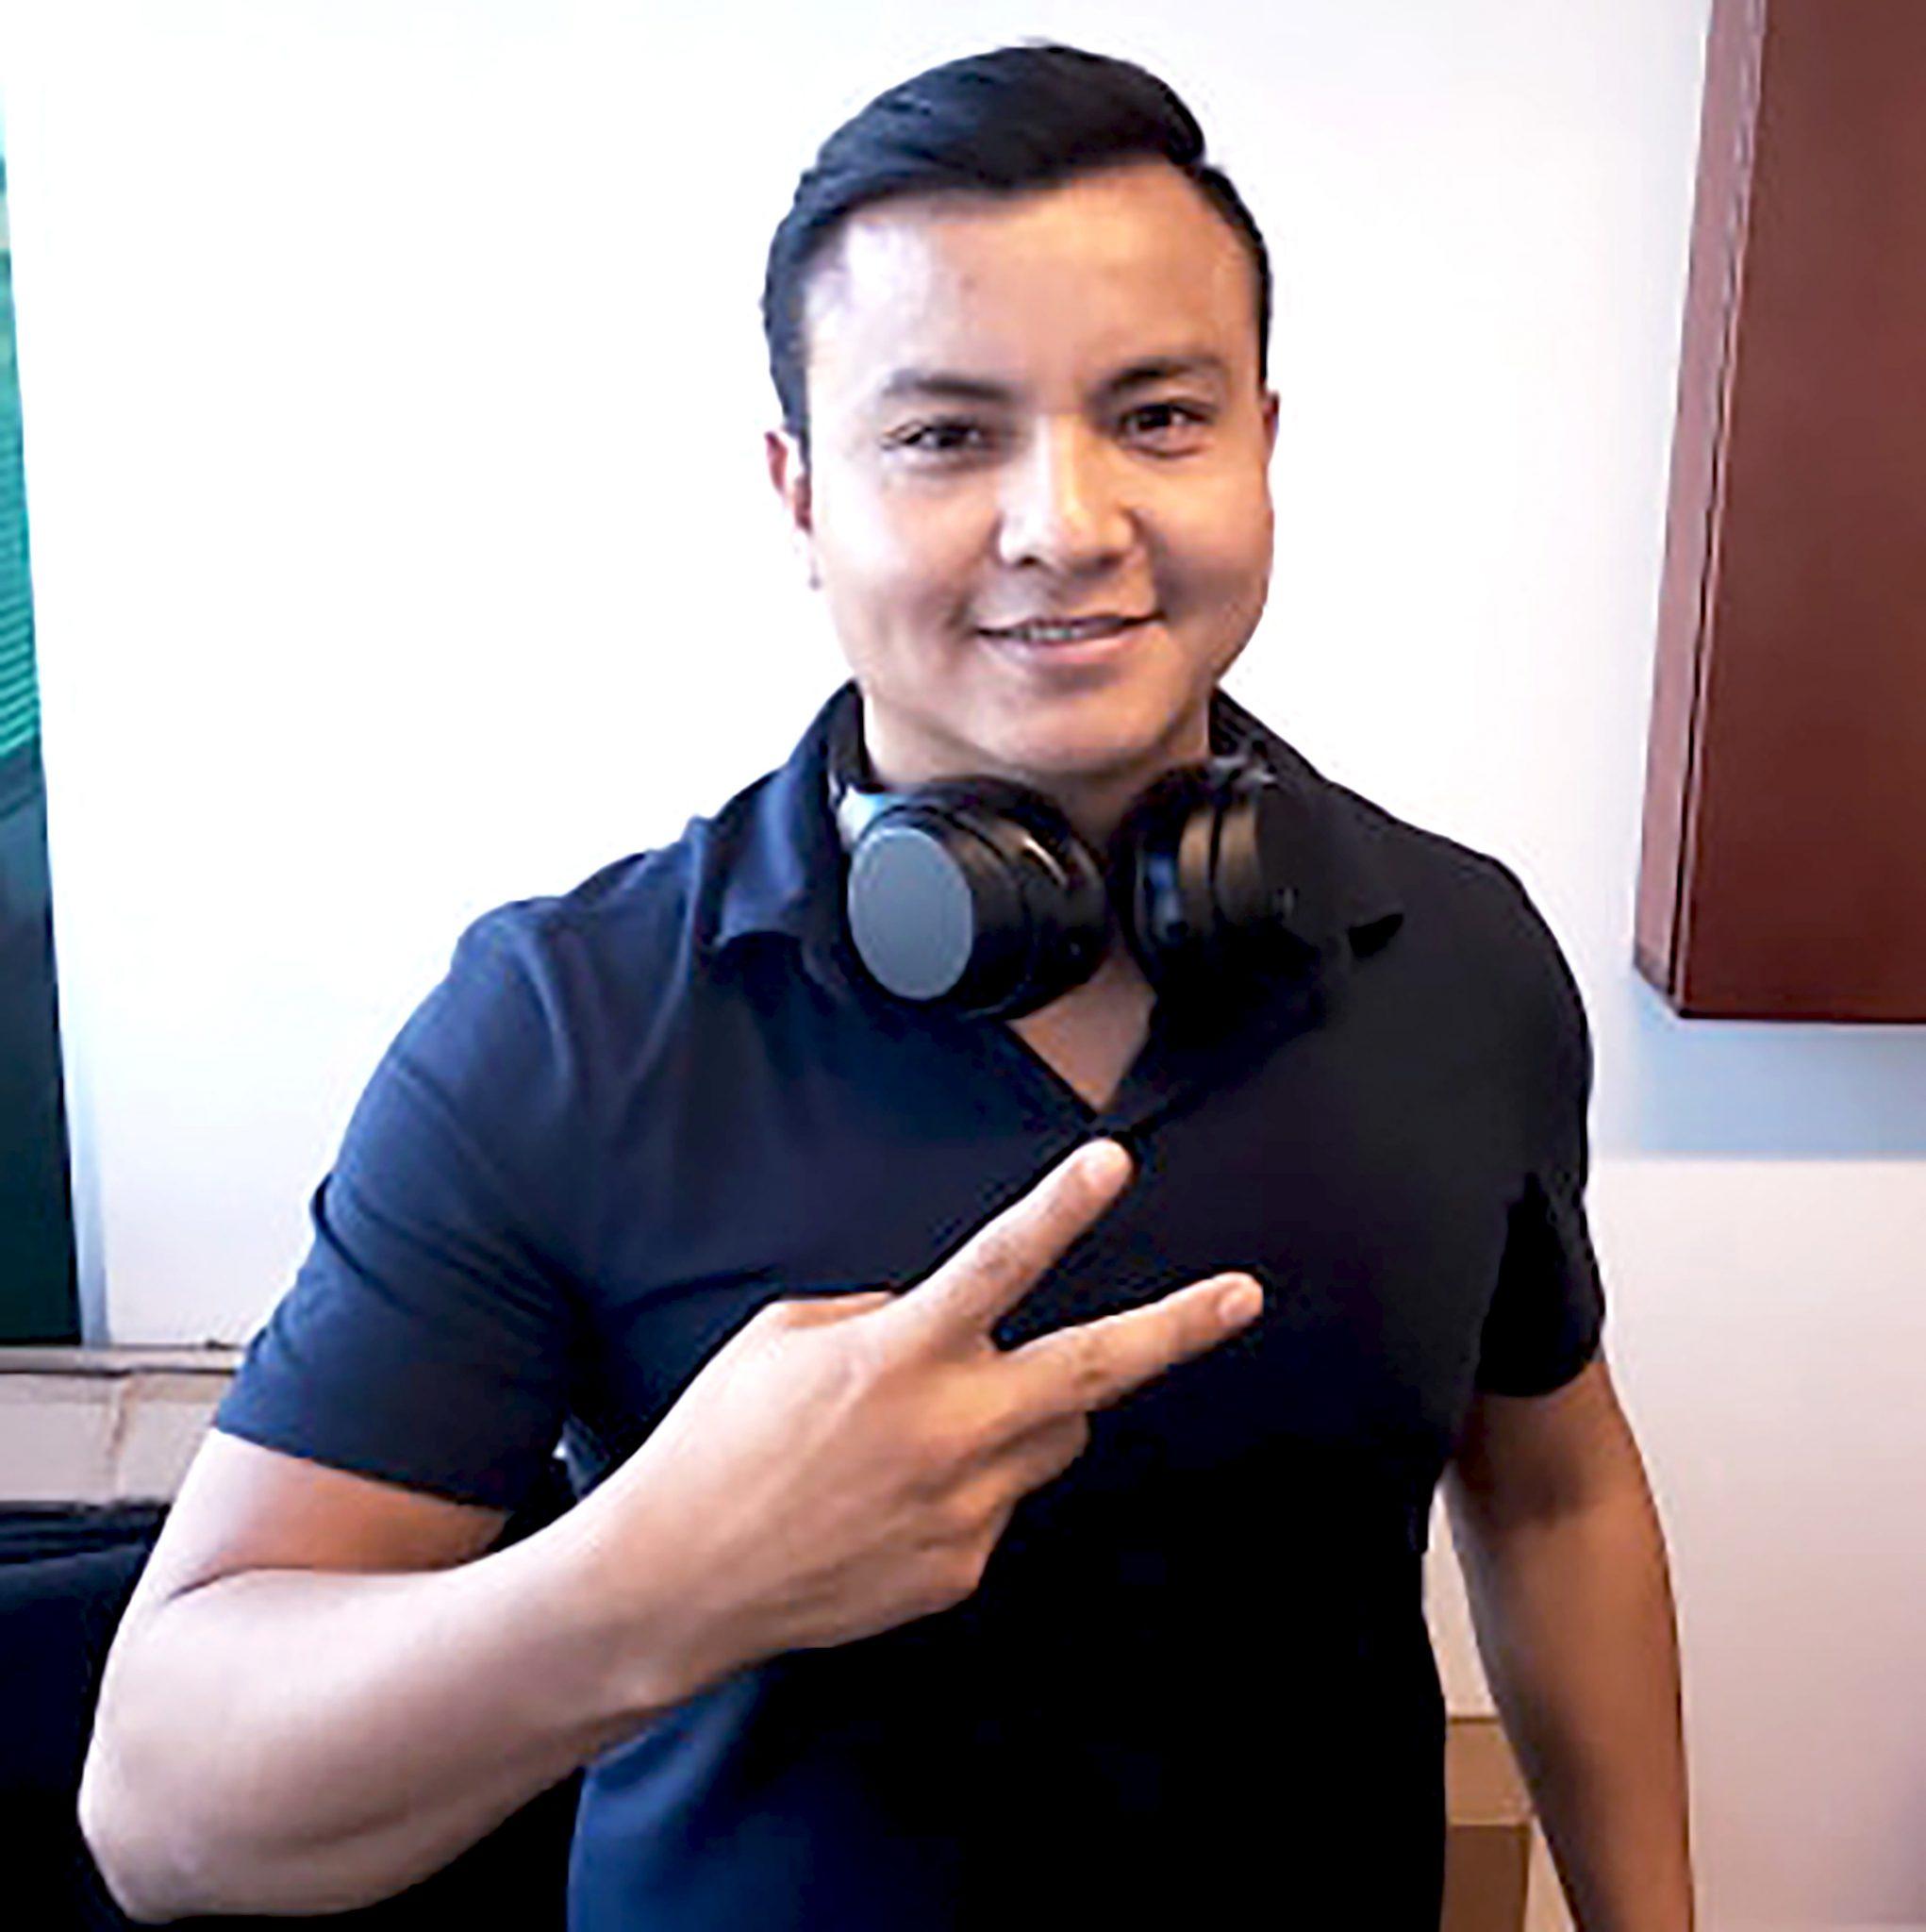 DJ Chapibol 2022